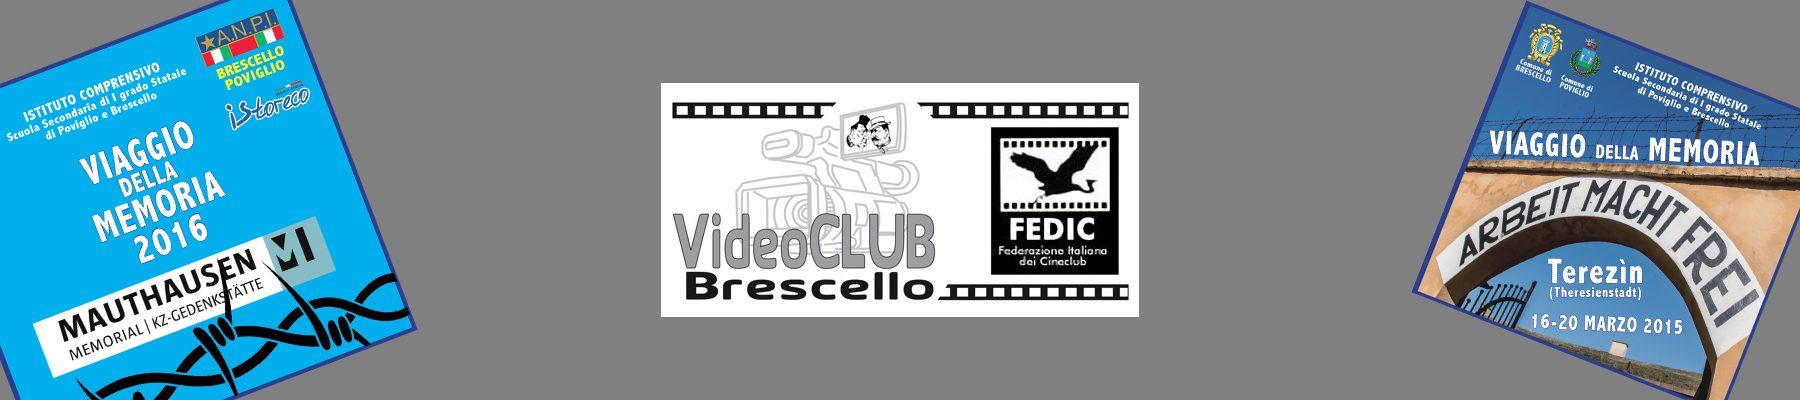 videoCLUB Brescello